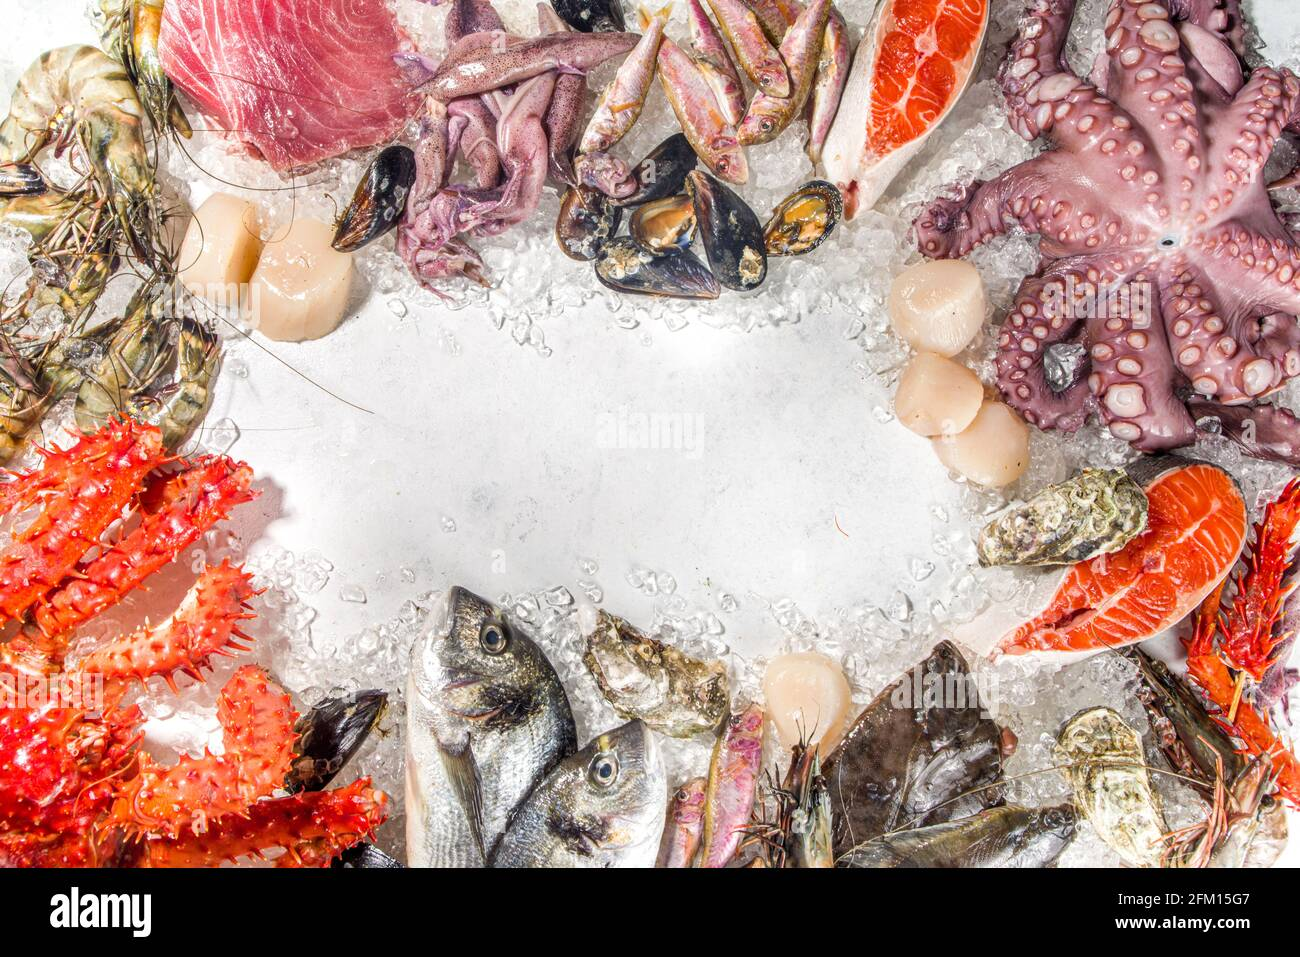 Insieme di vari frutti di mare freschi crudi - polpo, granchio, calamari, gamberetti, ostriche, cozze, salmone tonno dorada pesce con spezie di erbe limone, dorso bianco Foto Stock